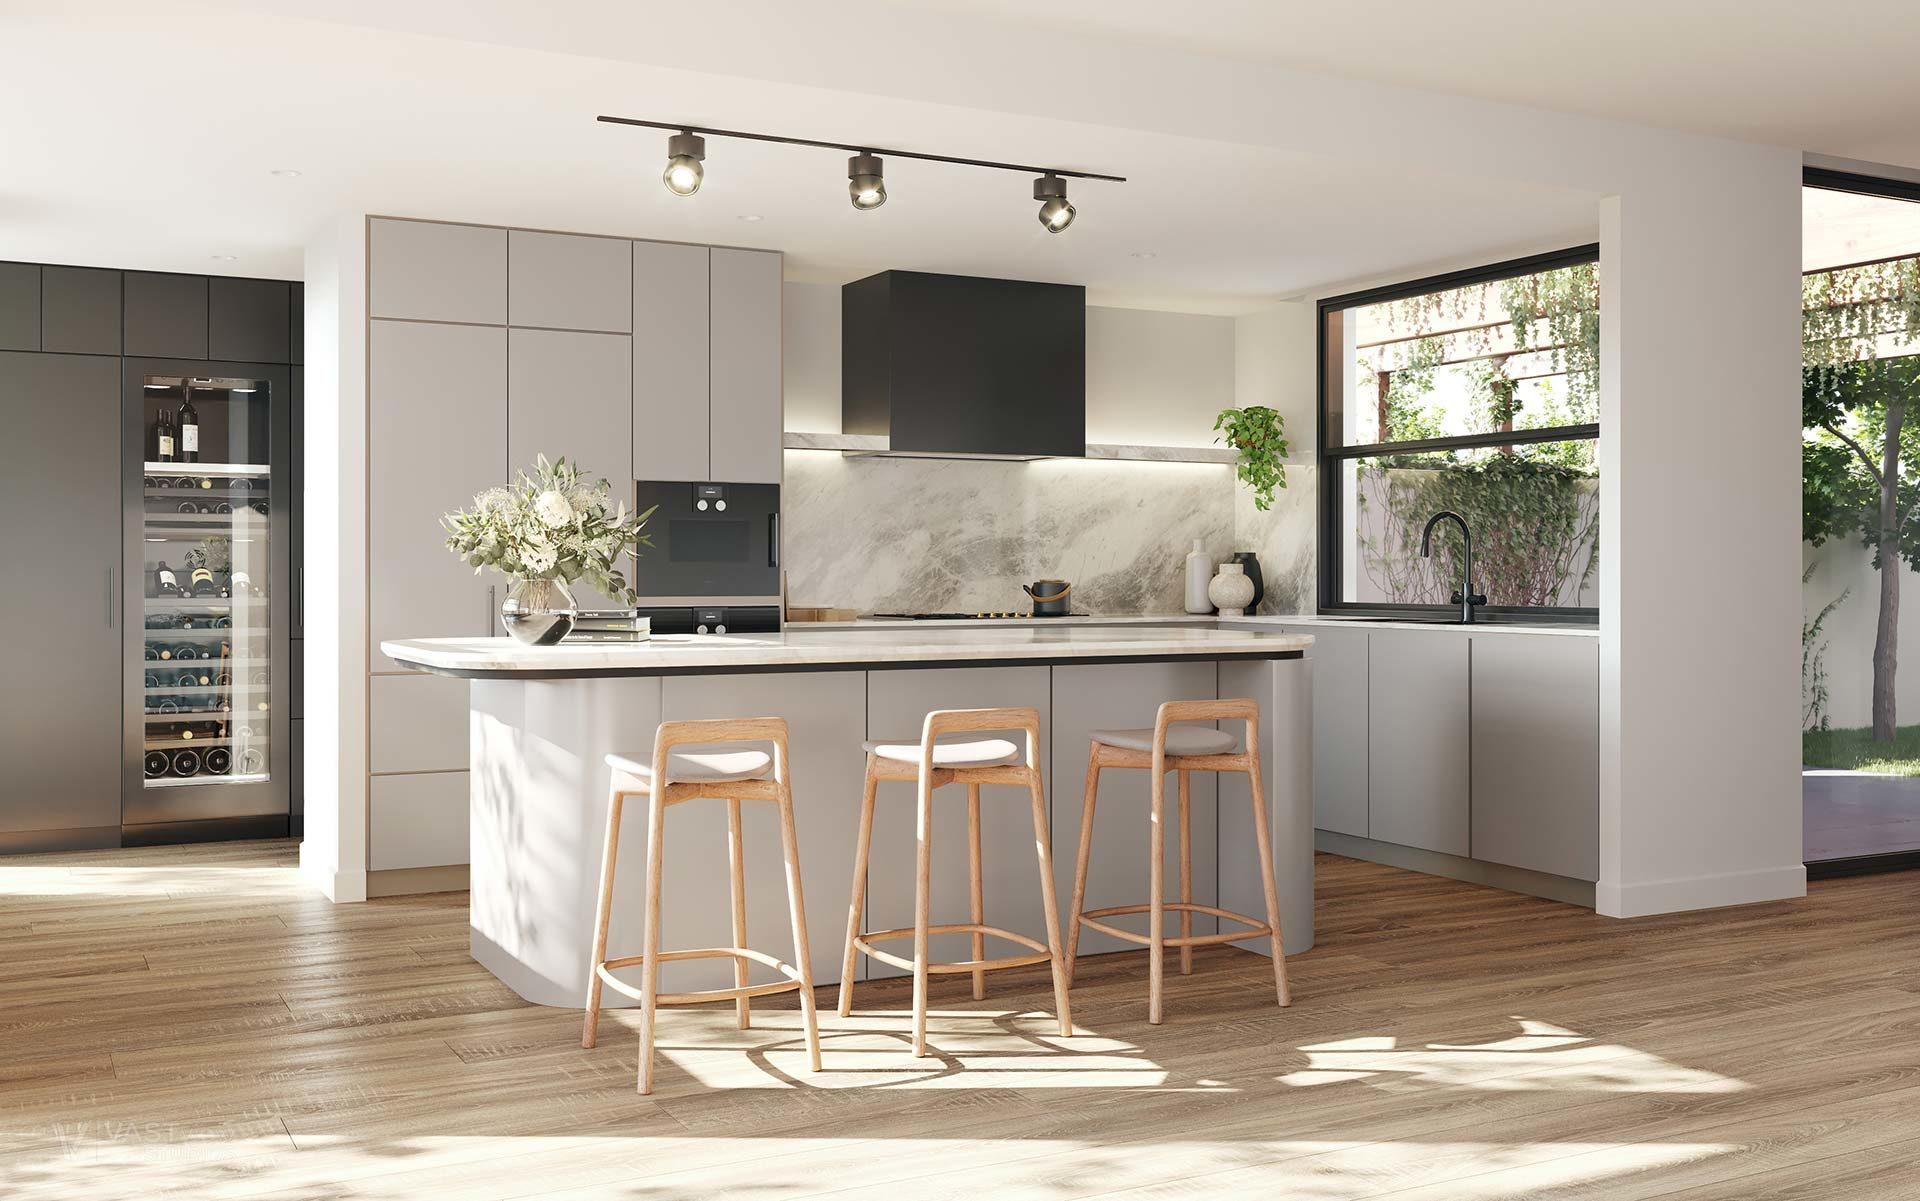 MockSt_Kitchen_FinalRender_v1.1